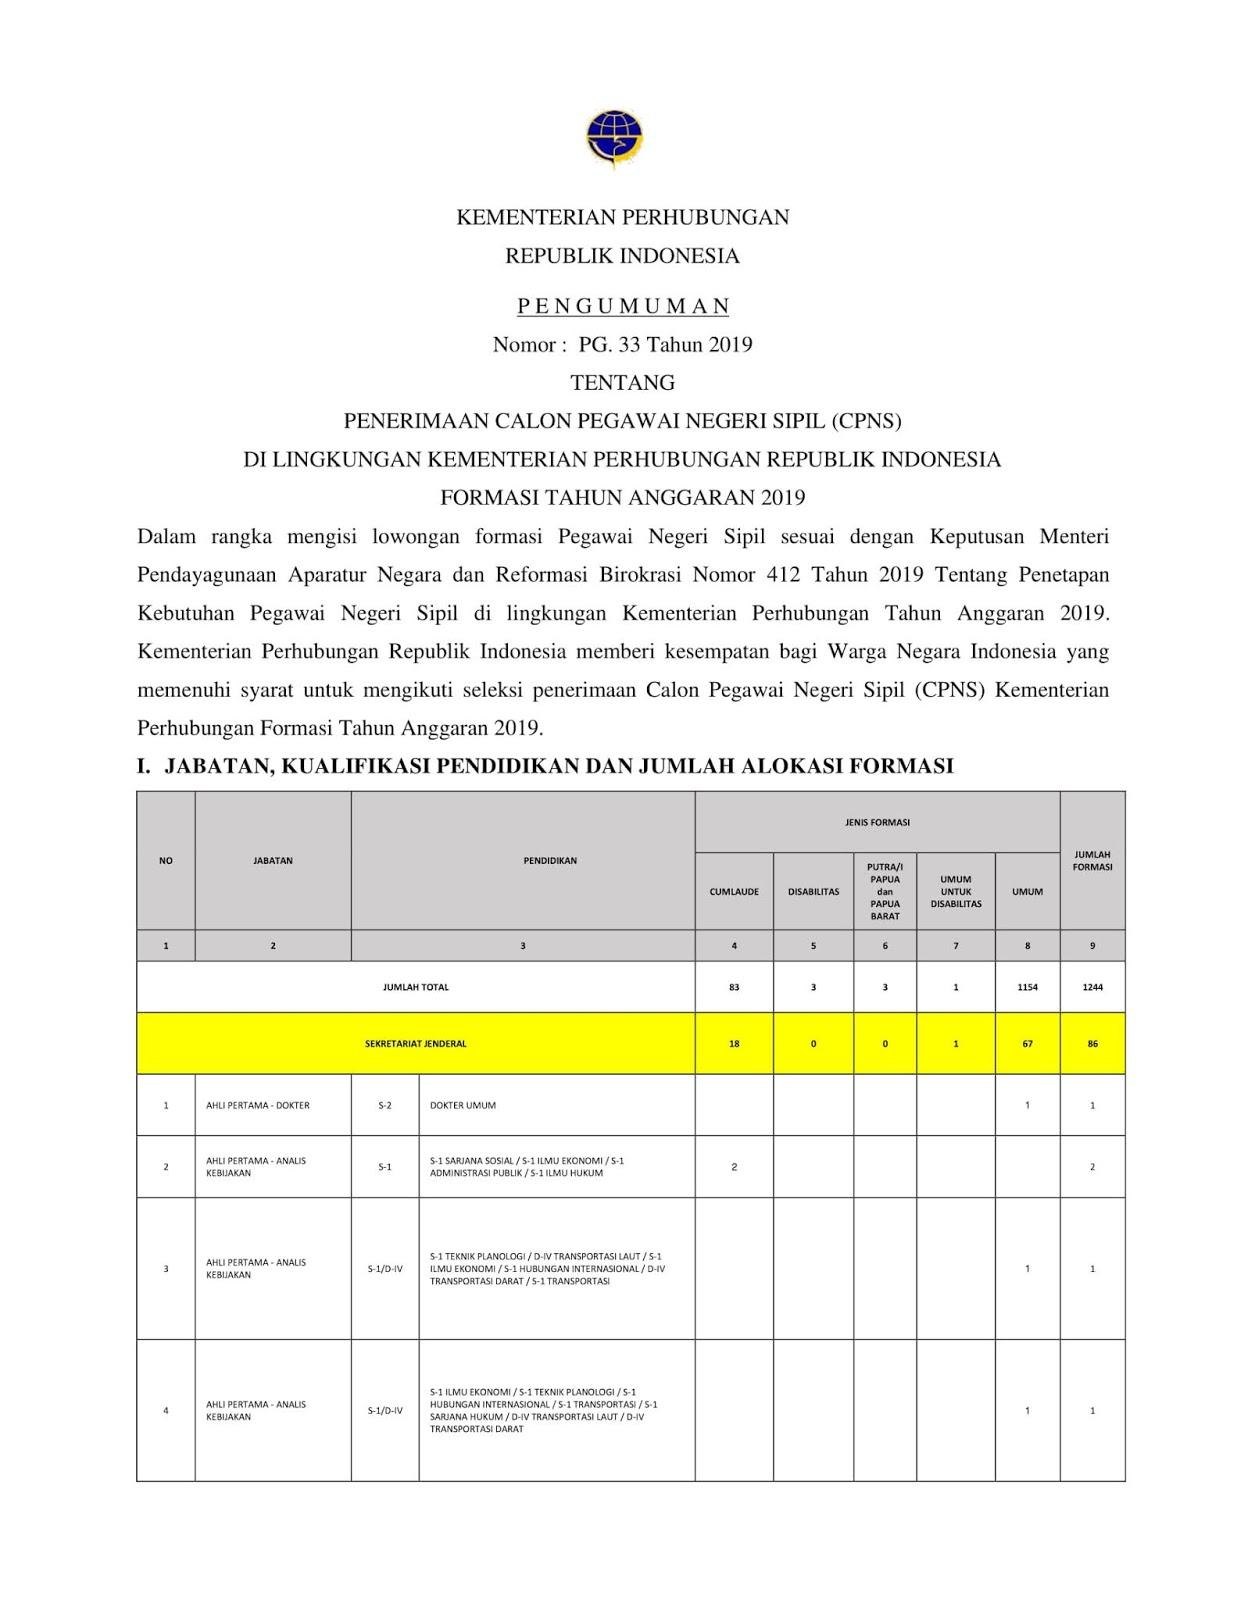 Lowongan CPNS Kementerian Perhubungan Tahun Anggaran 2019 [1244 Formasi]